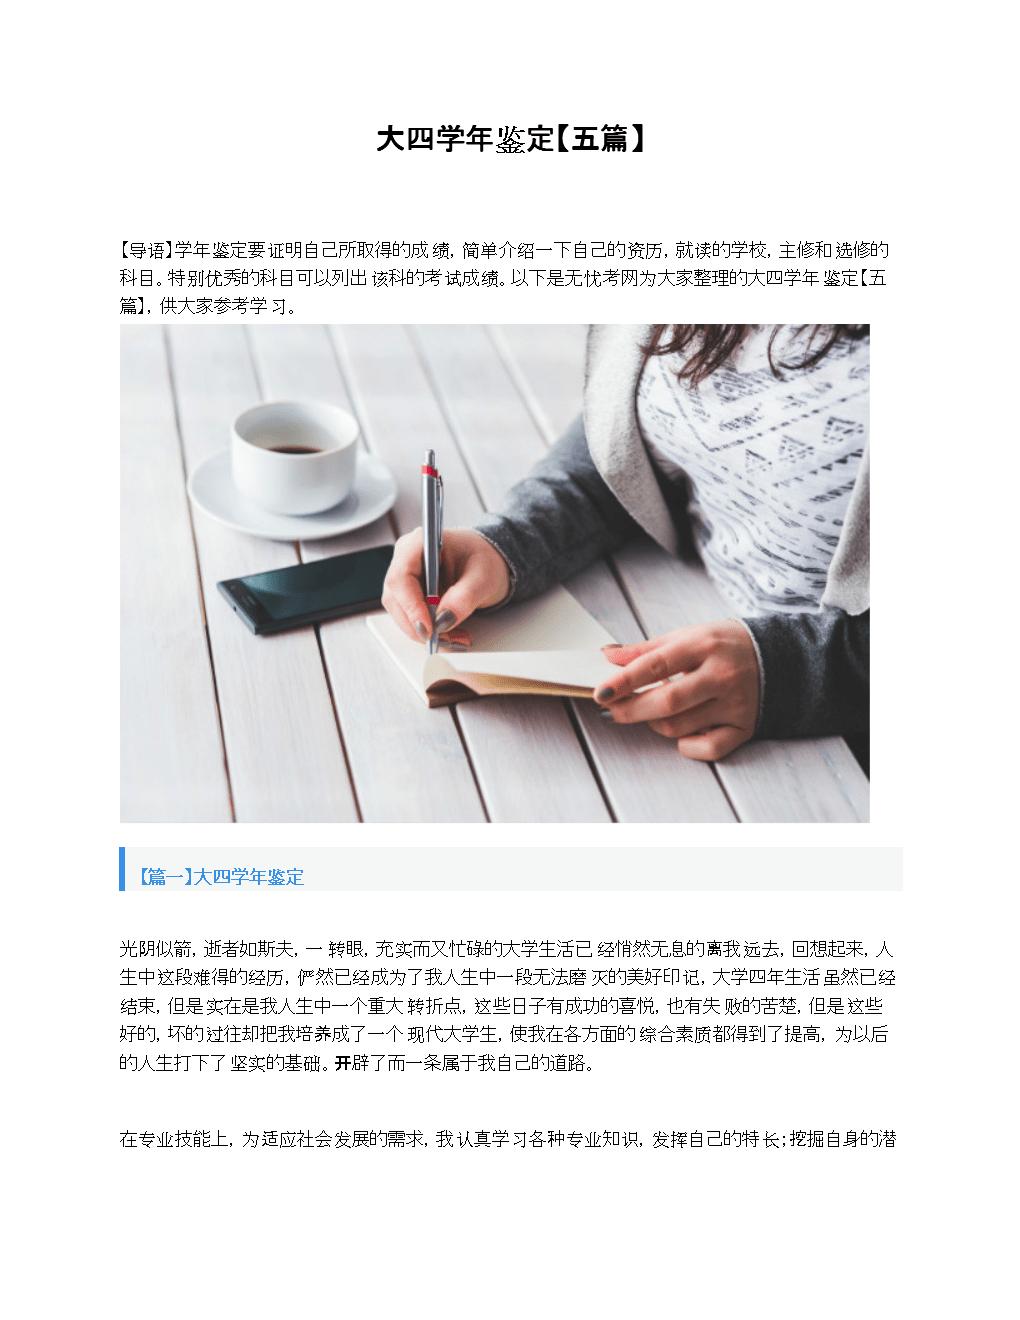 大四学年鉴定【五篇】_微博捡捡相因菌.doc